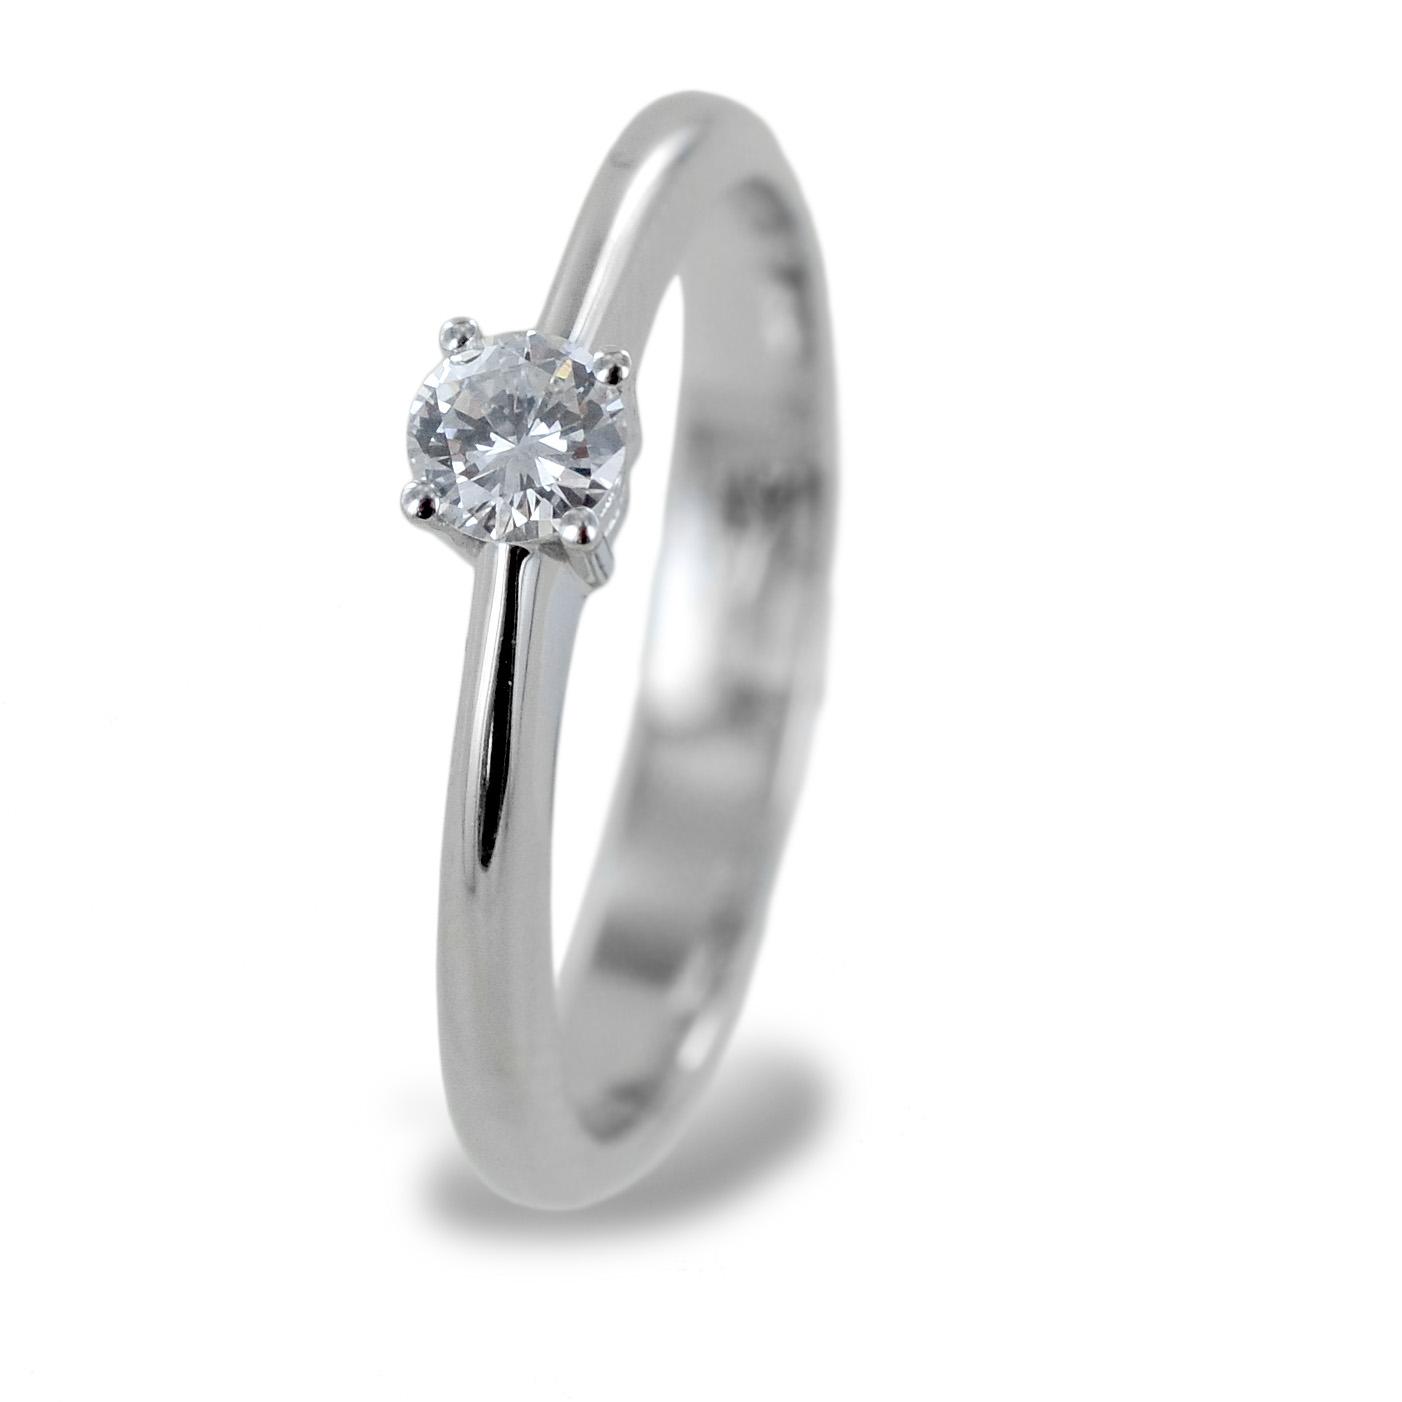 Anello Solitario medio con diamante da 0.19 carati